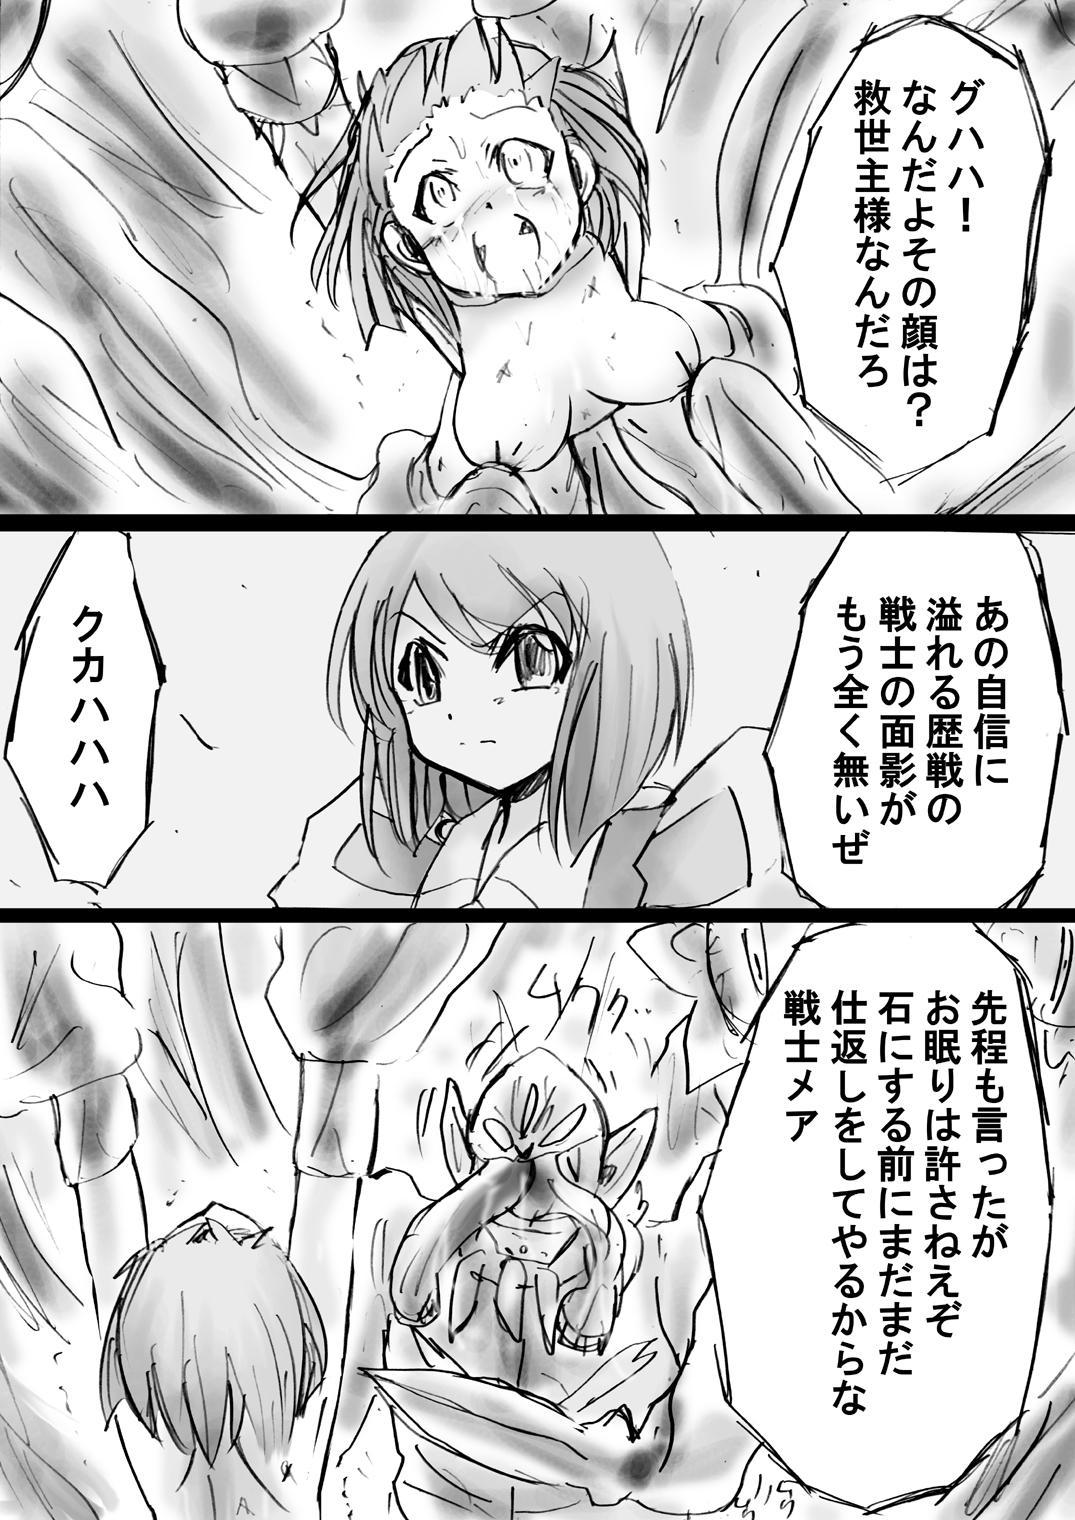 [Dende] Fushigi Sekai -Mystery World- no Nona 17 ~ Taiketsu Fujimi no Dai Inma Dakurasu, Kanzen Sekka no Kyoufu 19